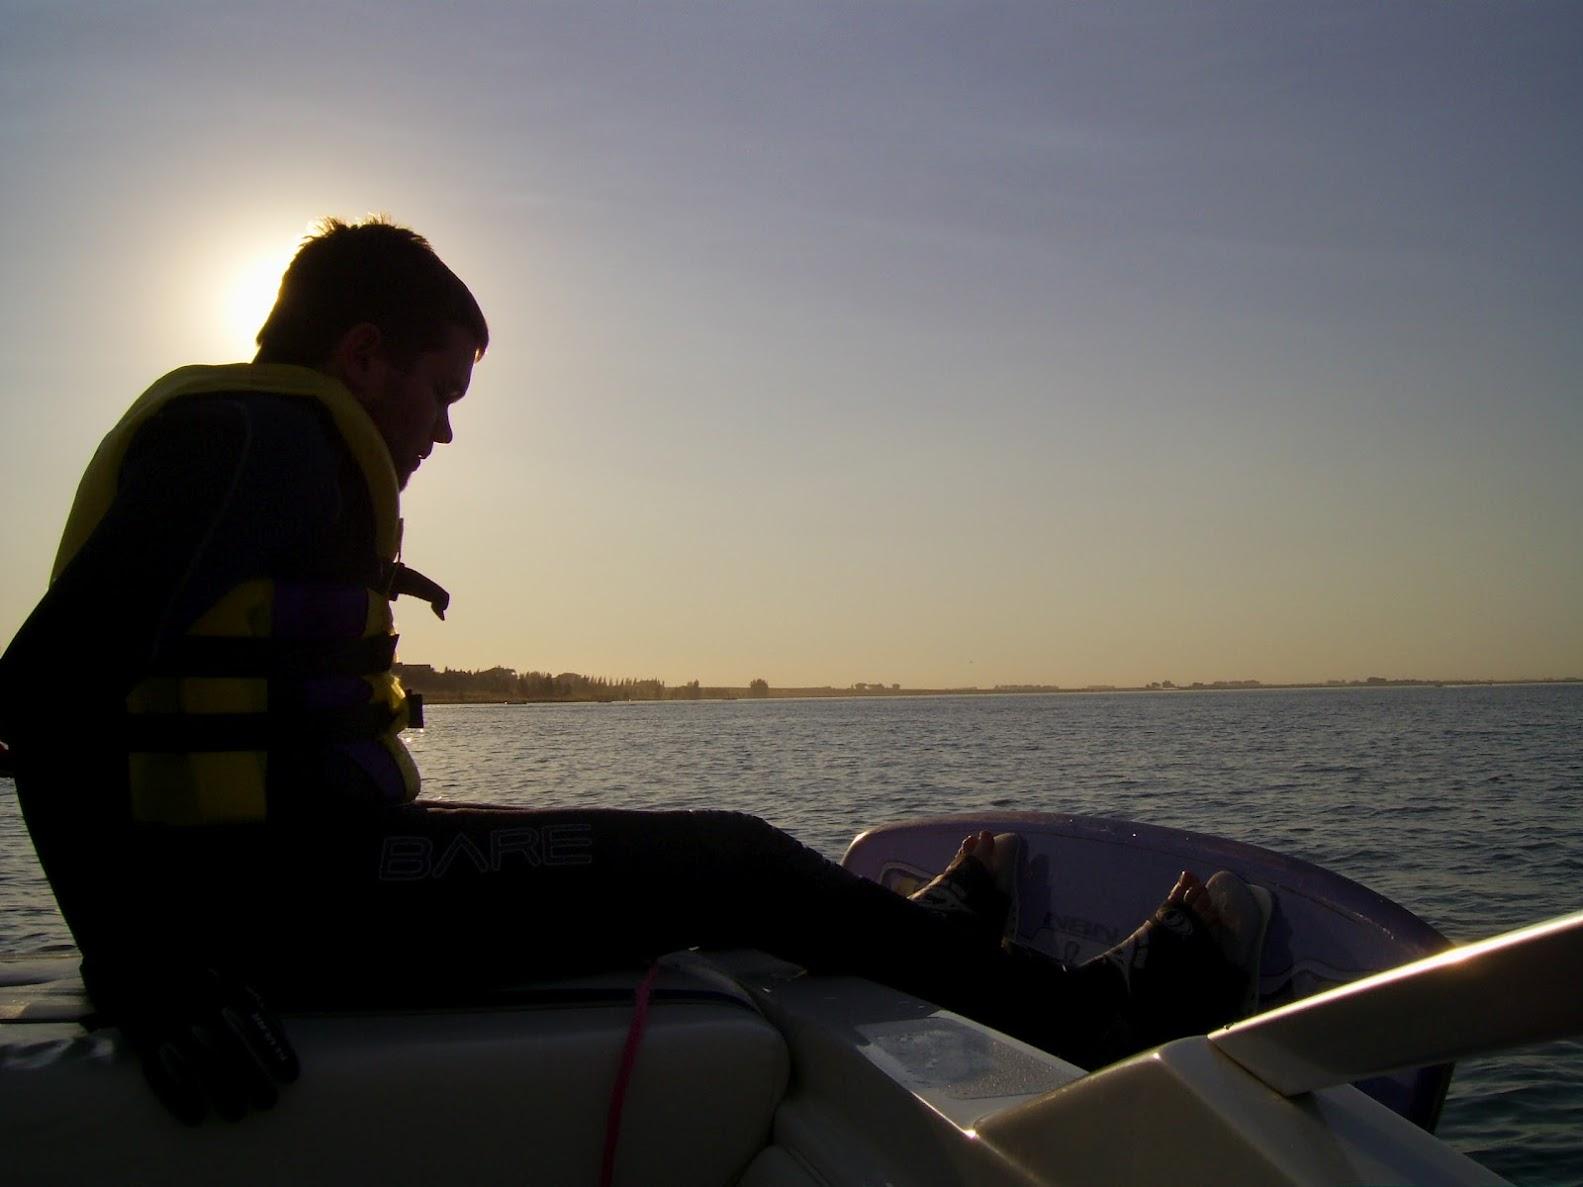 Kevin Wake Boarding at Stafford Lake